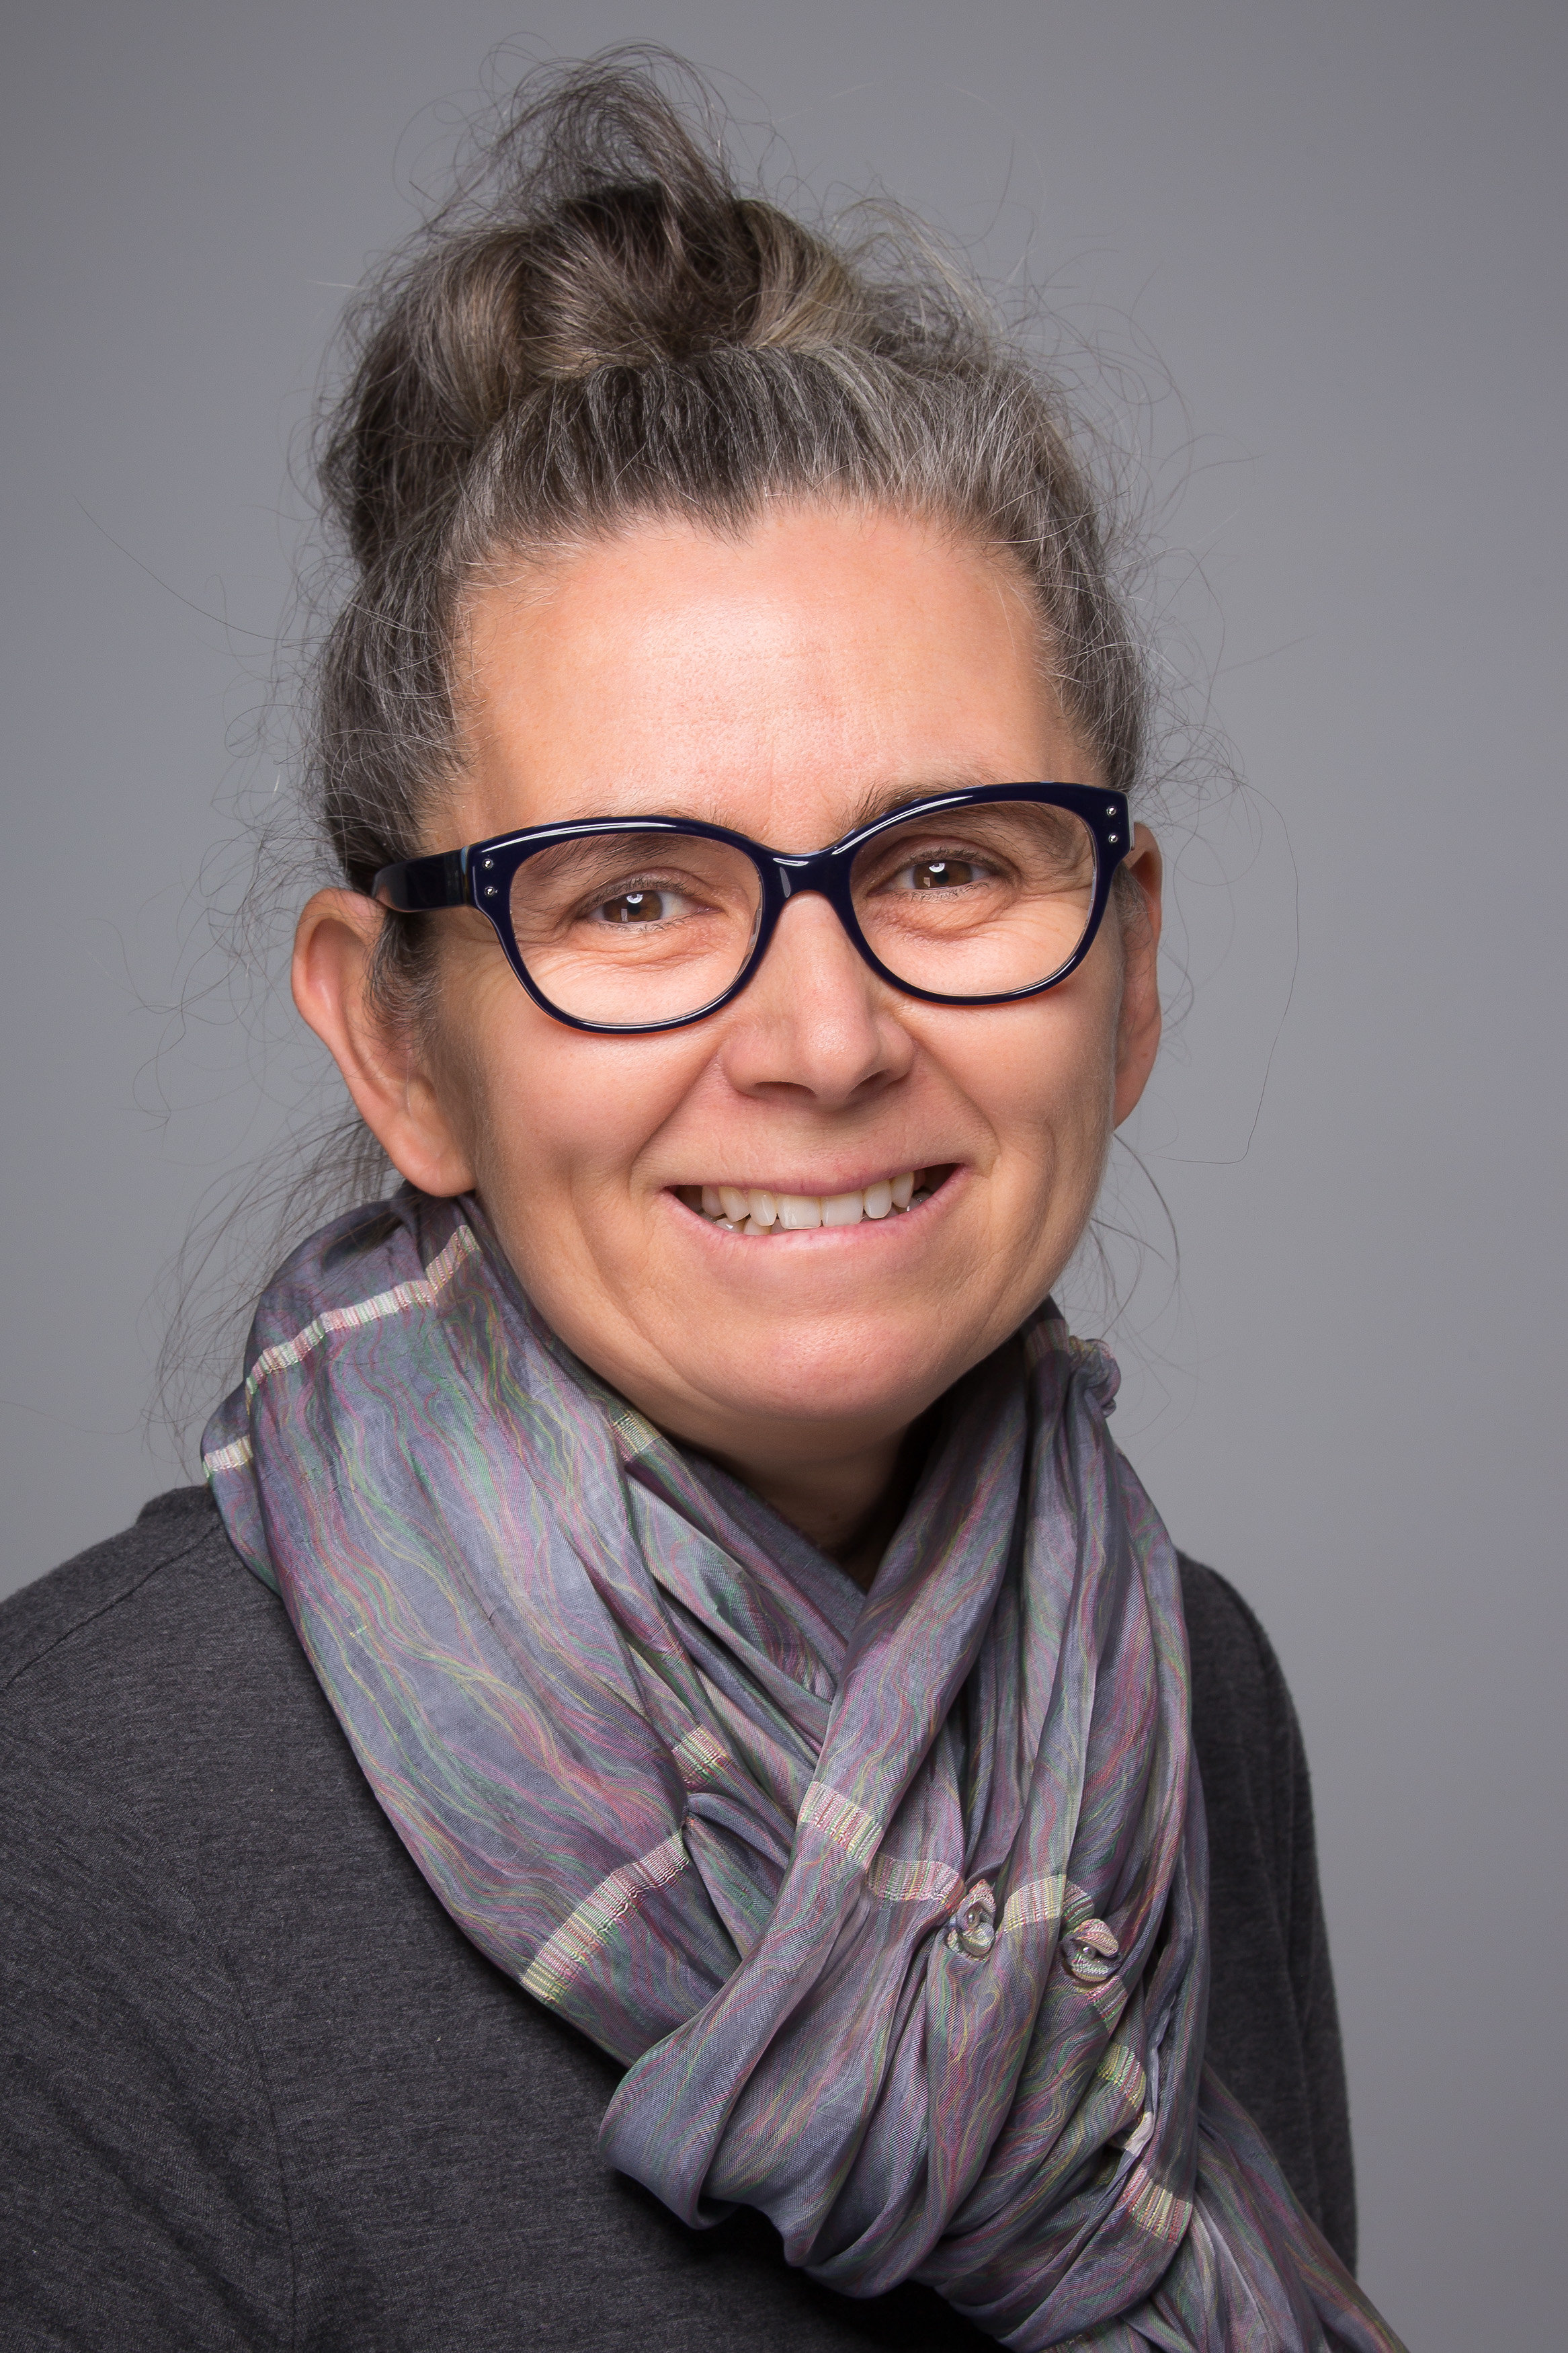 Birgitt Sprenger